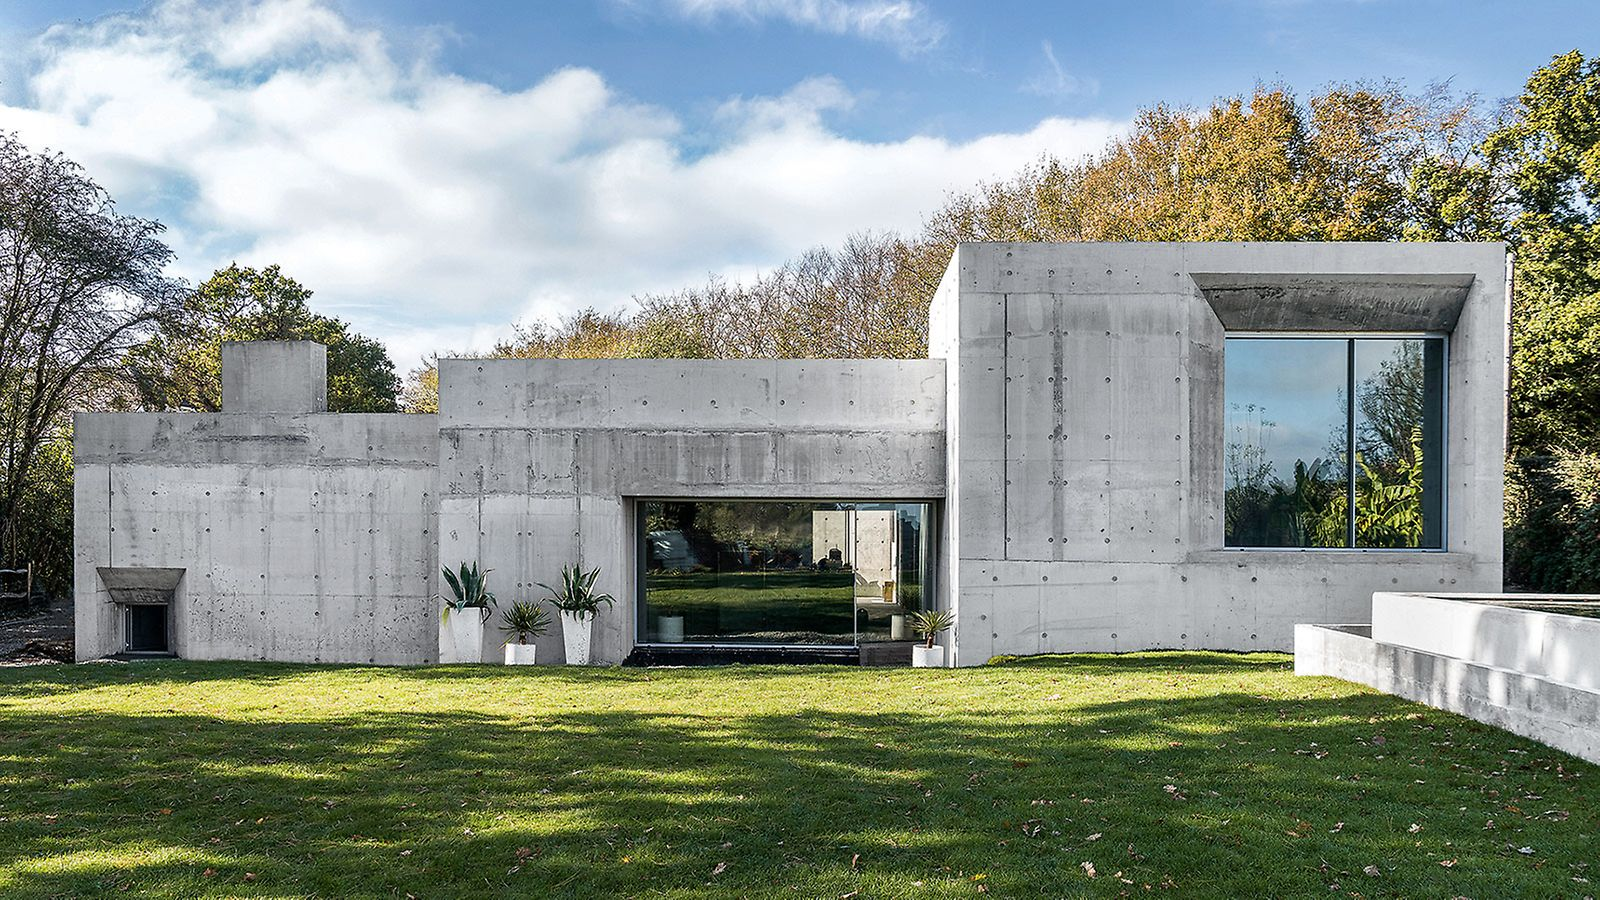 Die Betonkonstruktion ist das erste PERI Wohnhaus in Großbritannien, das ausschließlich mit der leichten Universalschalung DUO geschalt wurde. (Foto: seanpollock.com)